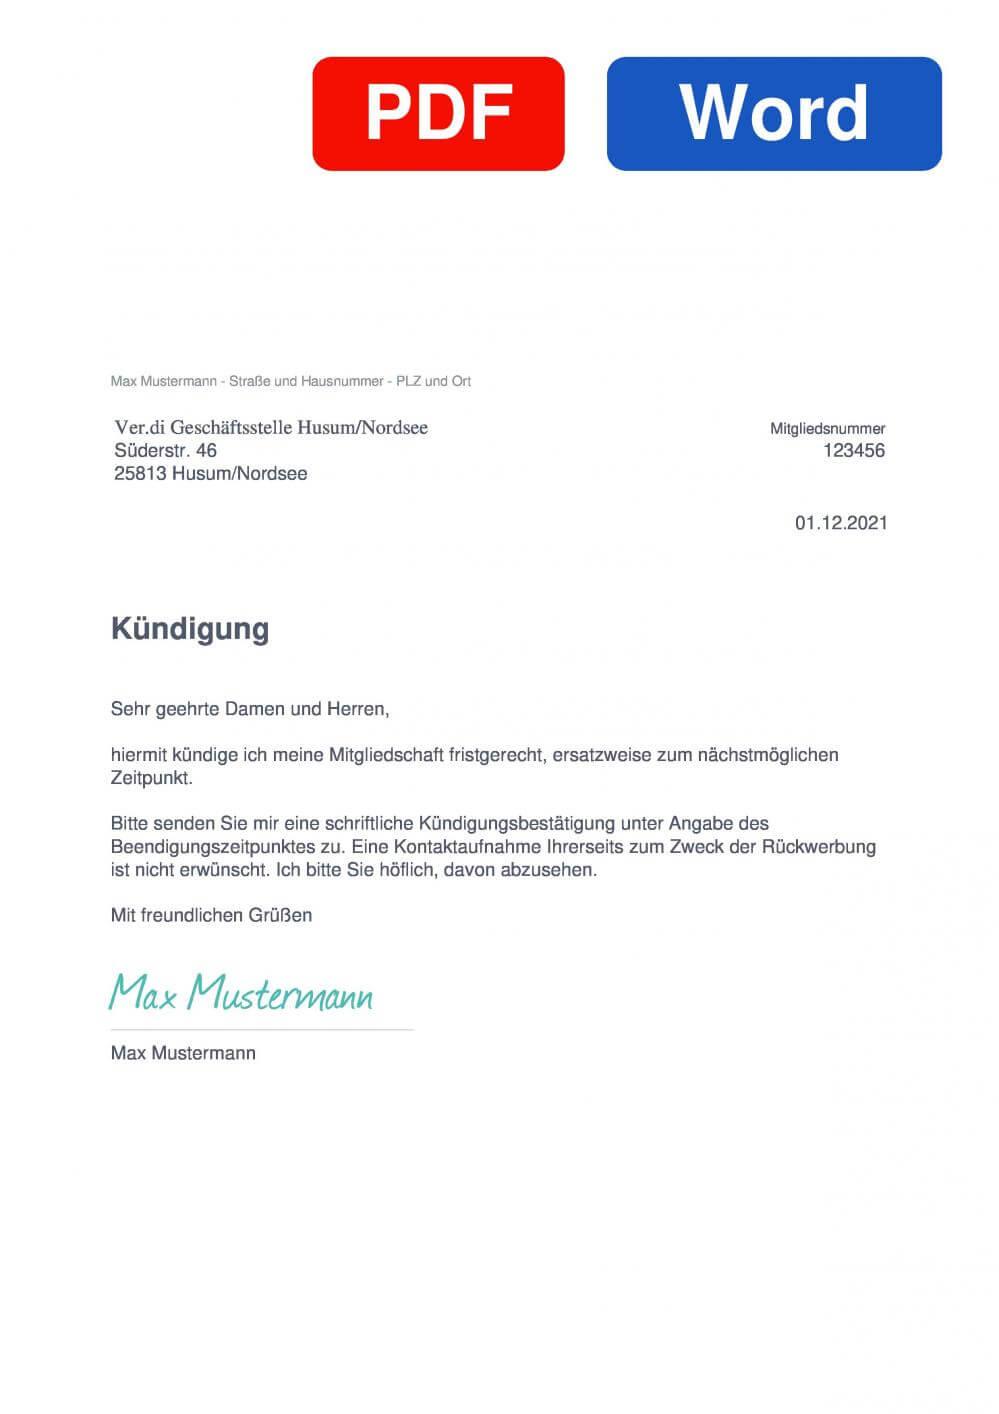 Verdi Husum/Nordsee Muster Vorlage für Kündigungsschreiben